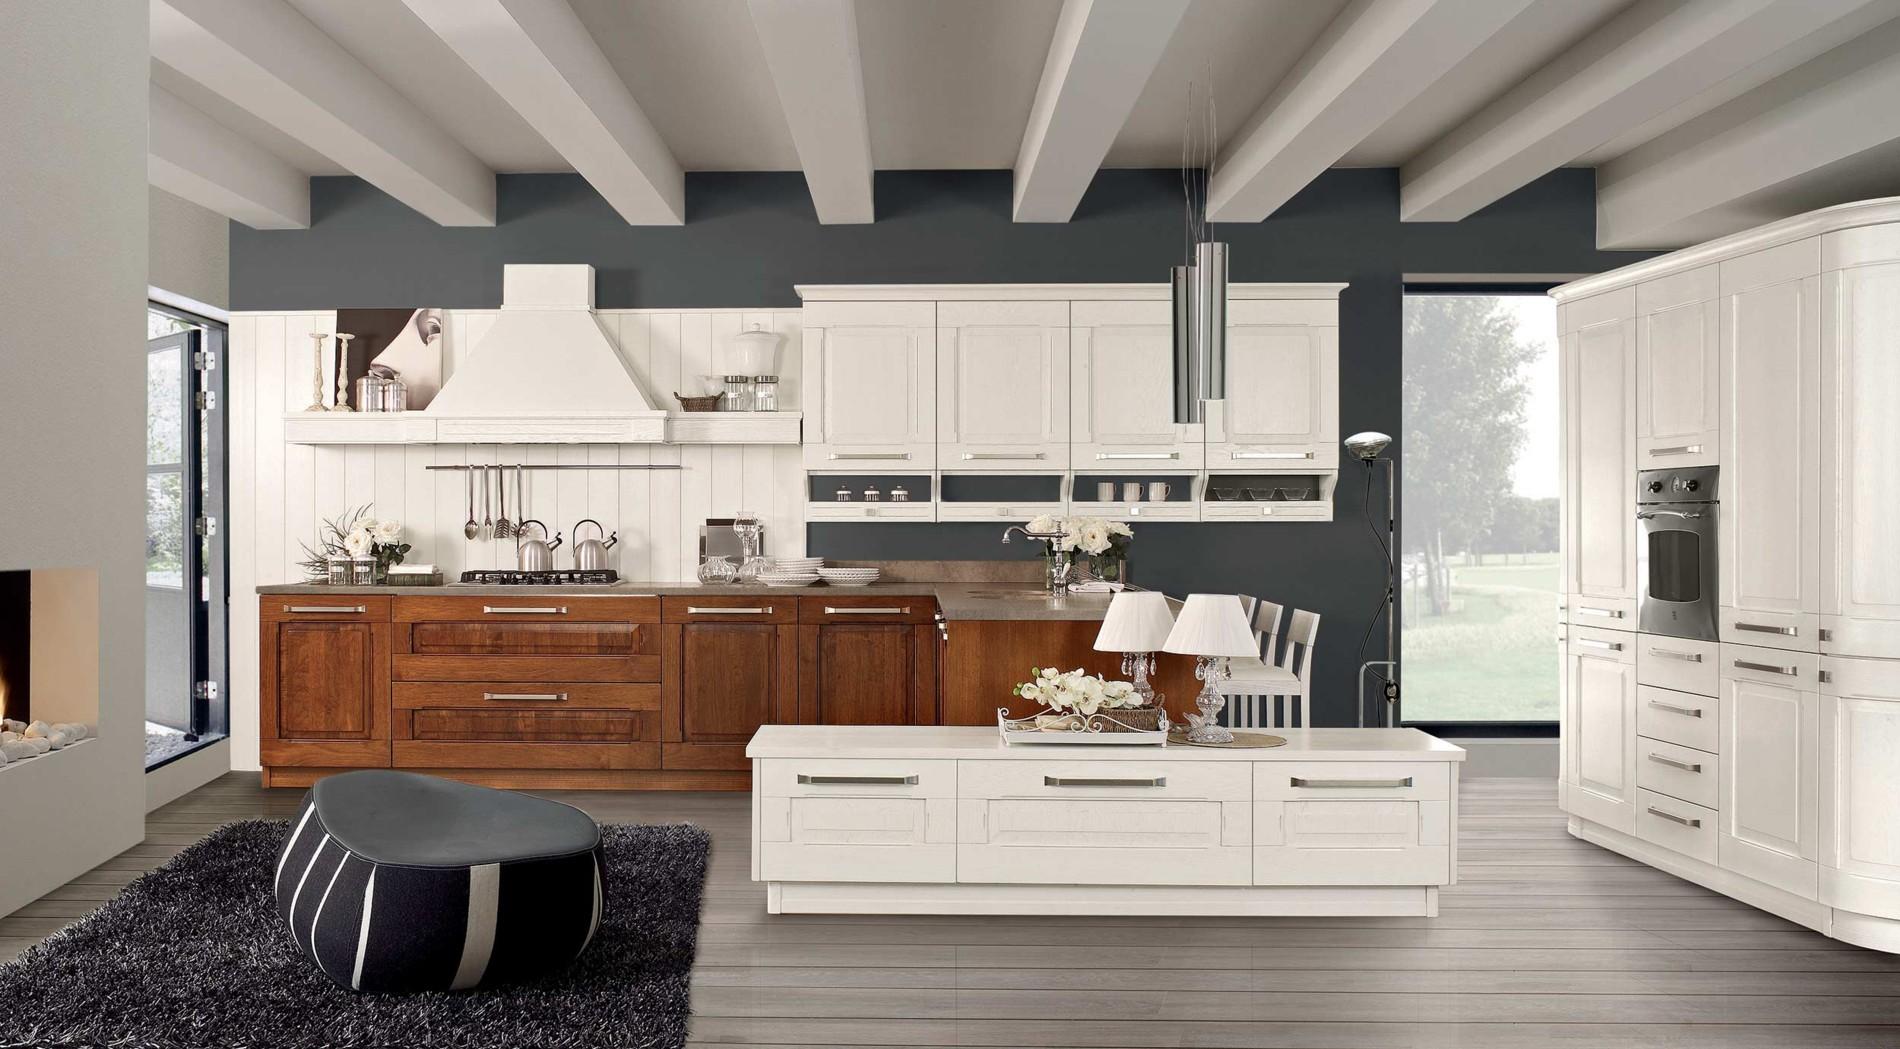 Idee pittura pareti soggiorno nera - Pittura per cucine ...